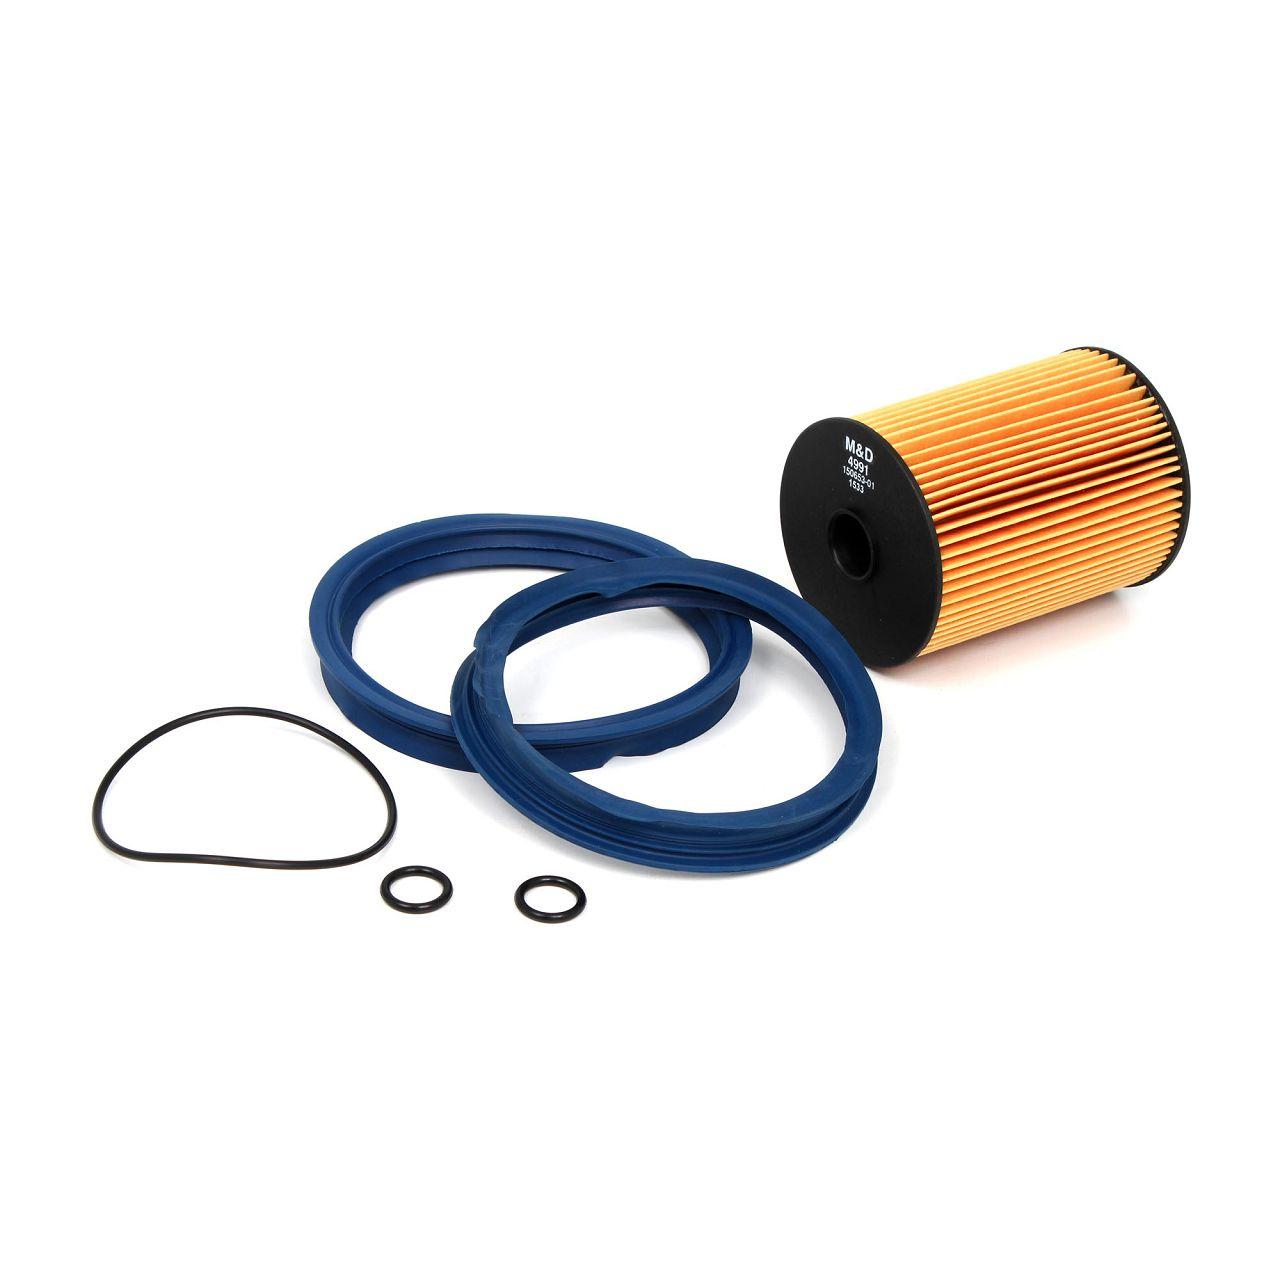 Kraftstofffilter Benzinfilter für Mini R56 R57 R55 R60 R58 One Cooper / S Works